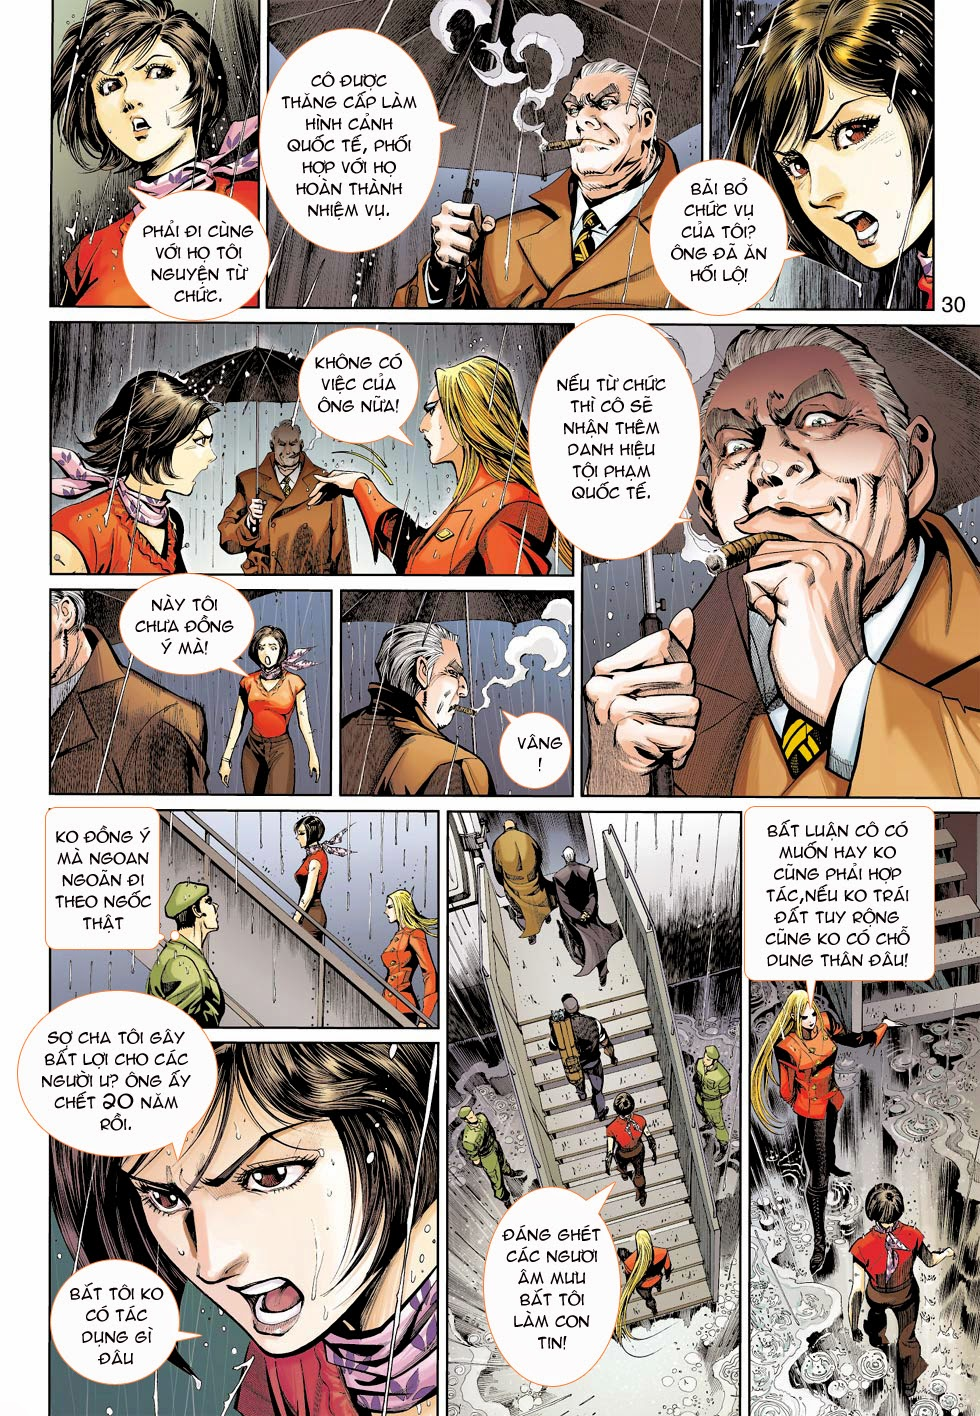 Thần Binh 4 chap 25 - Trang 32